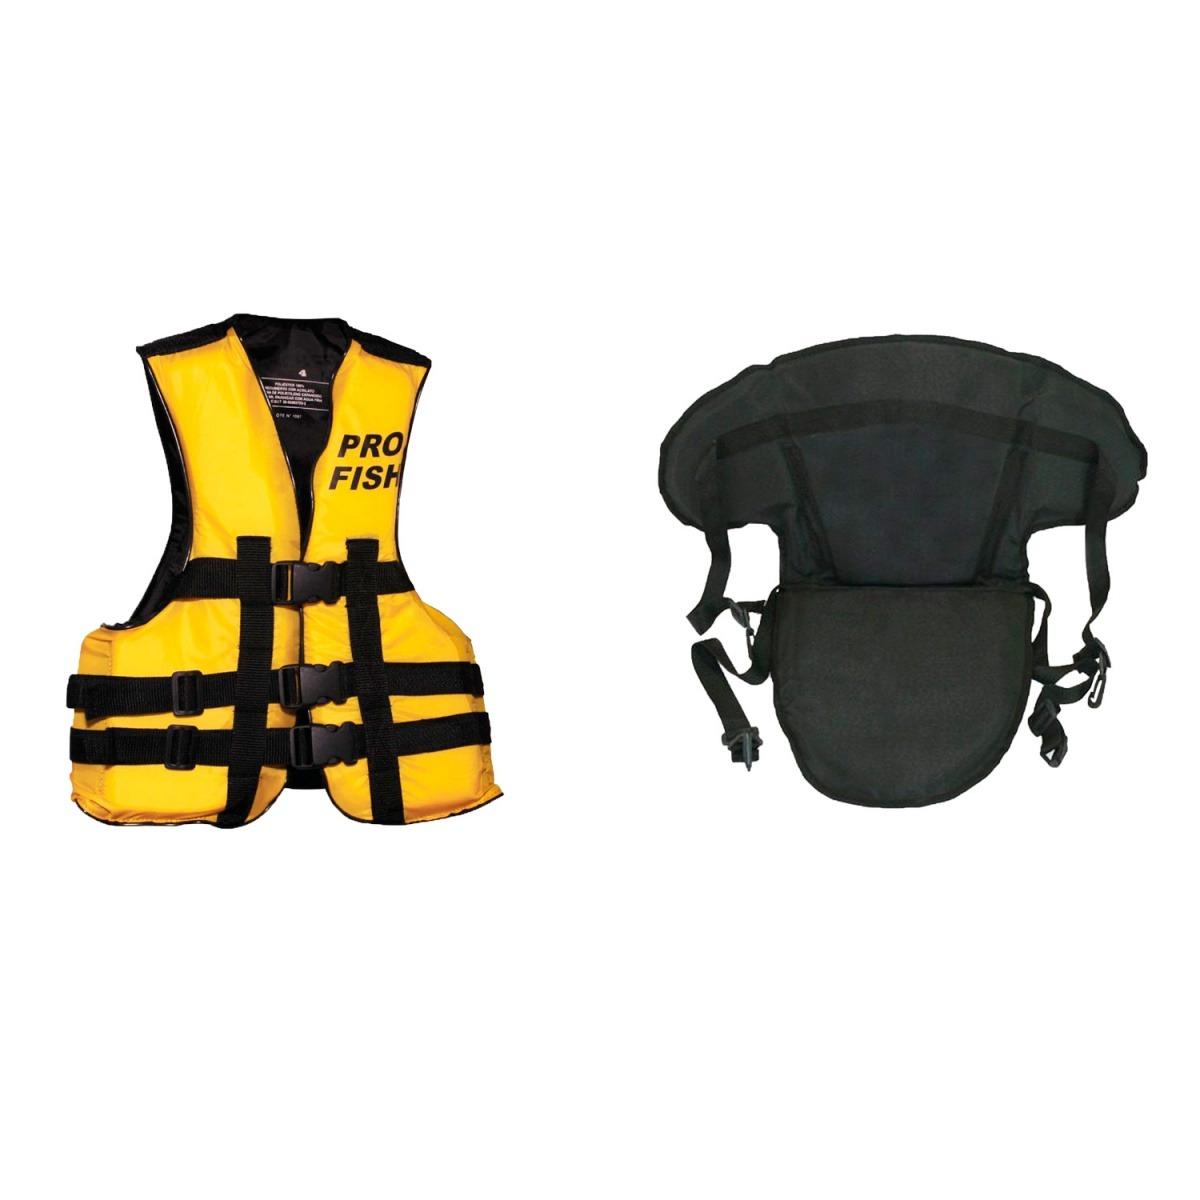 Combo P/kayak Chaleco Aquafloat 3 Tiras Adultos Asiento - $ 1.408,00 ...